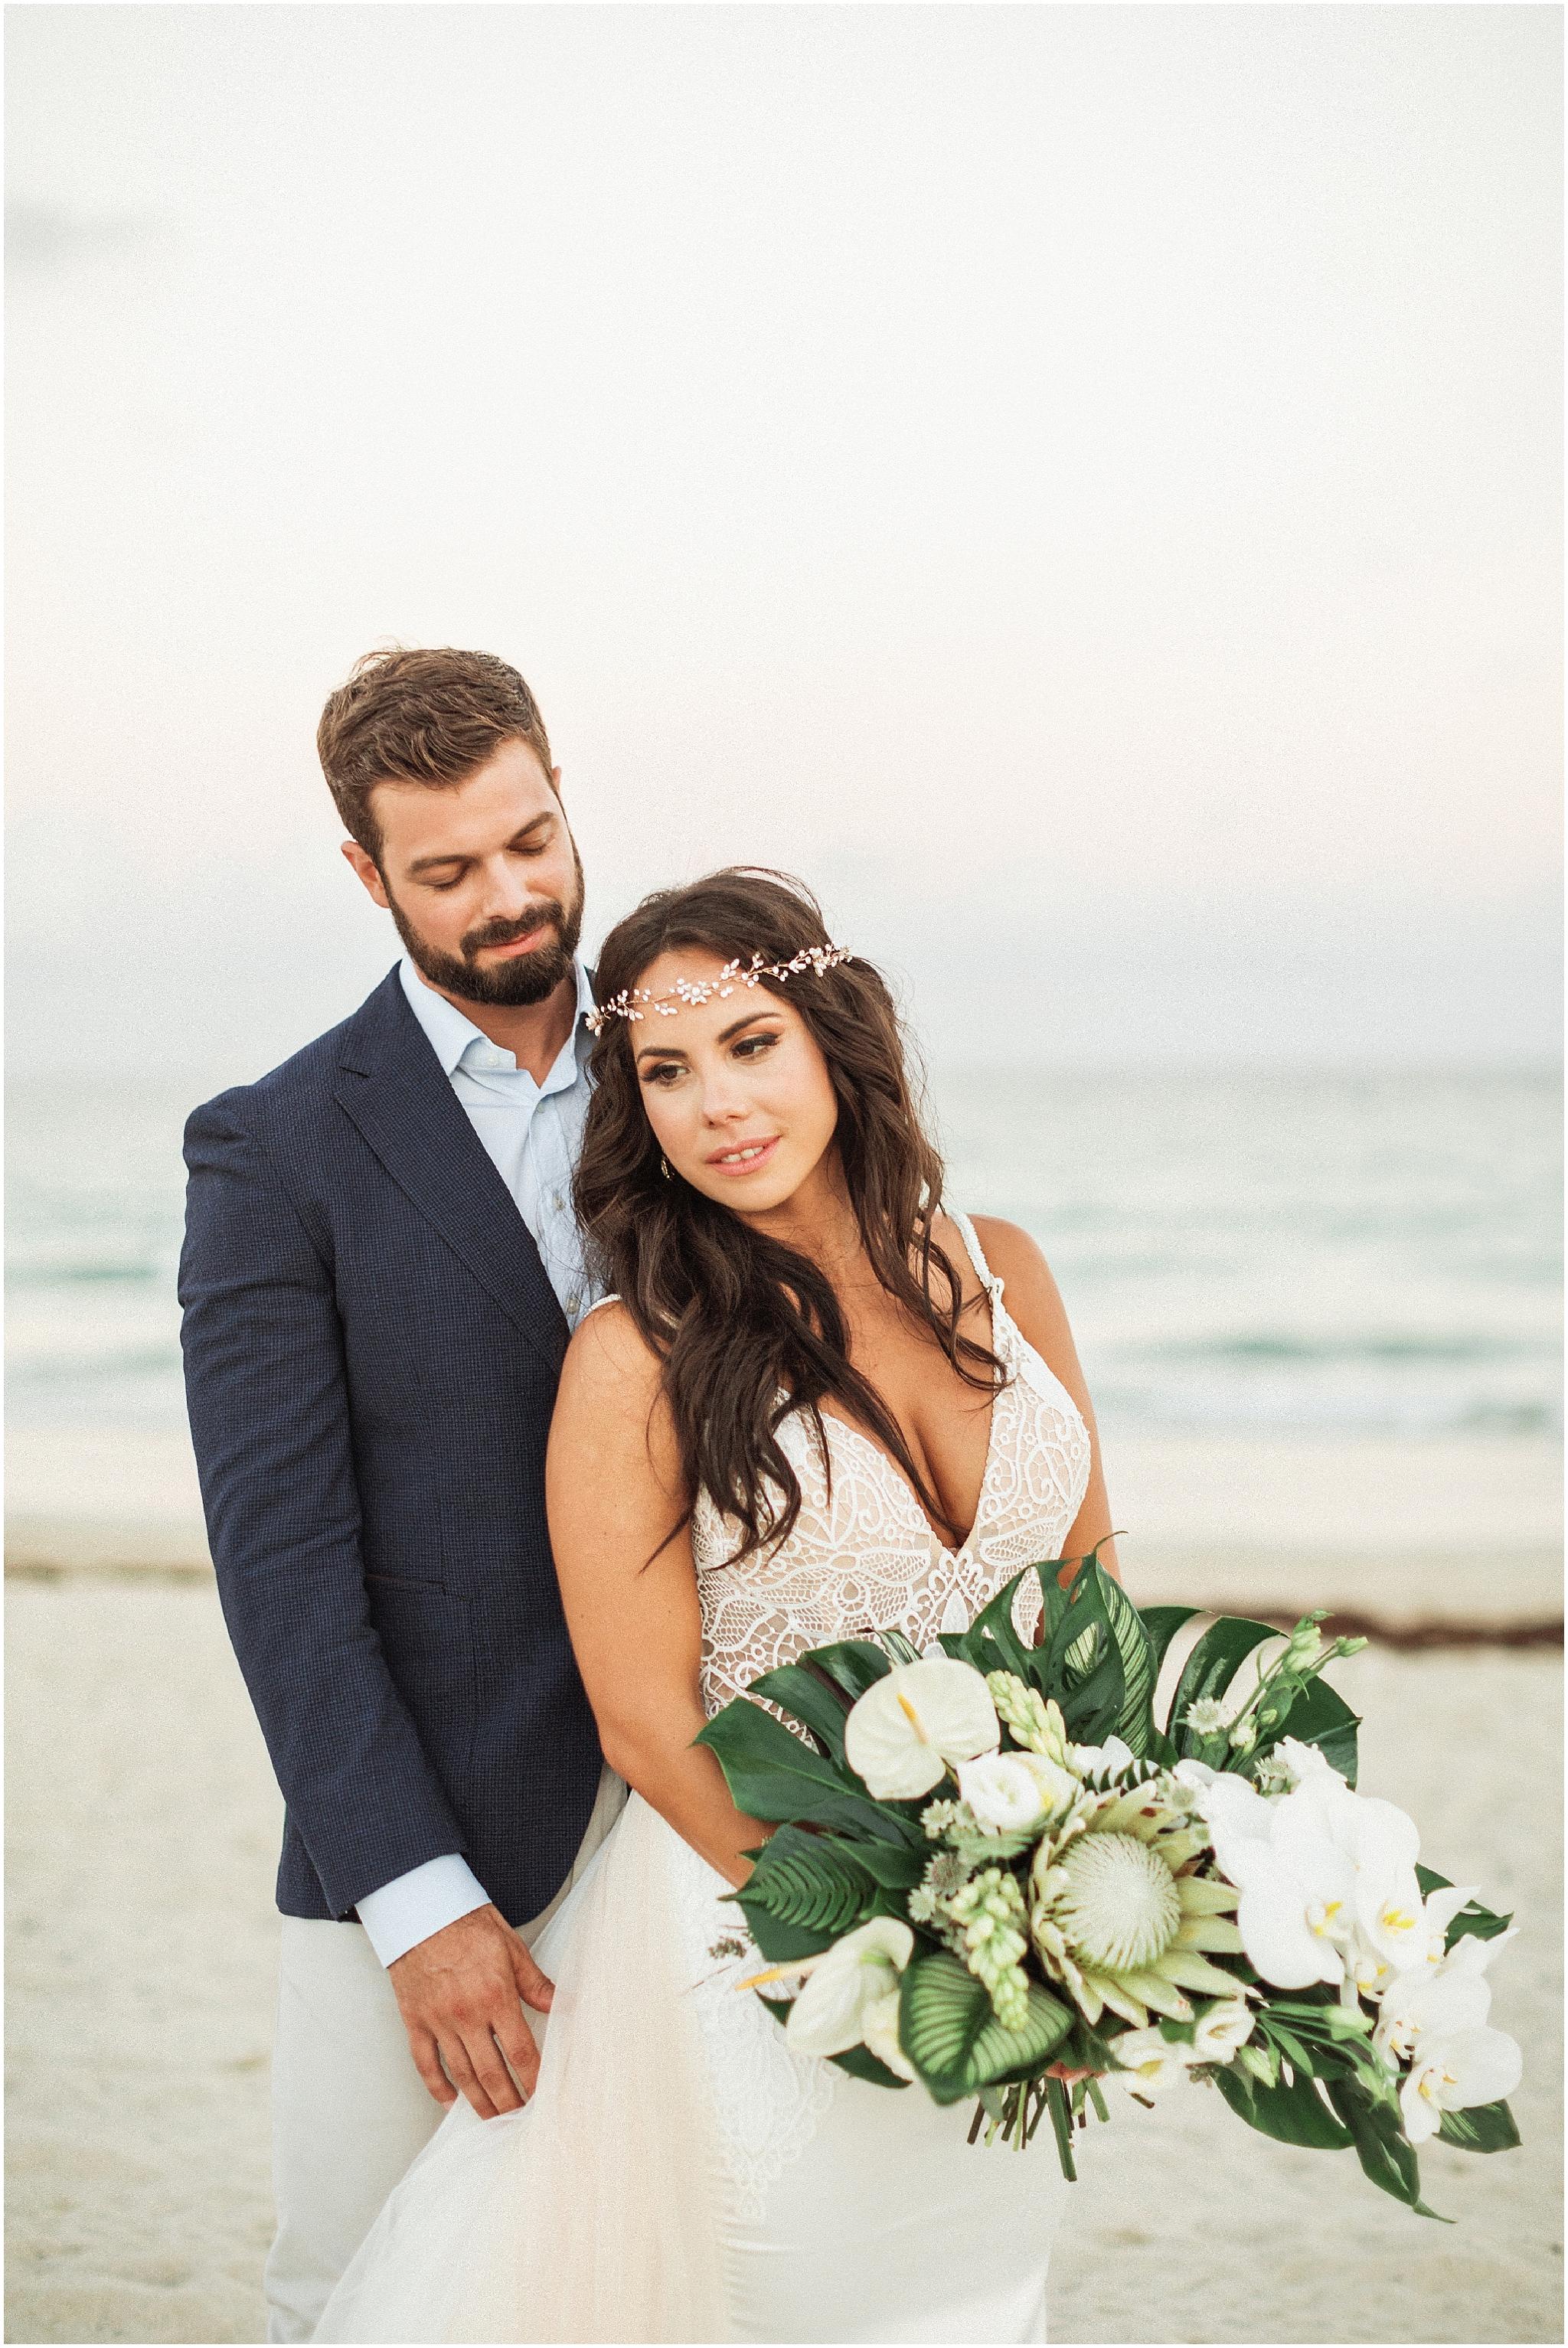 Aleshia & Chris in Miami Beach